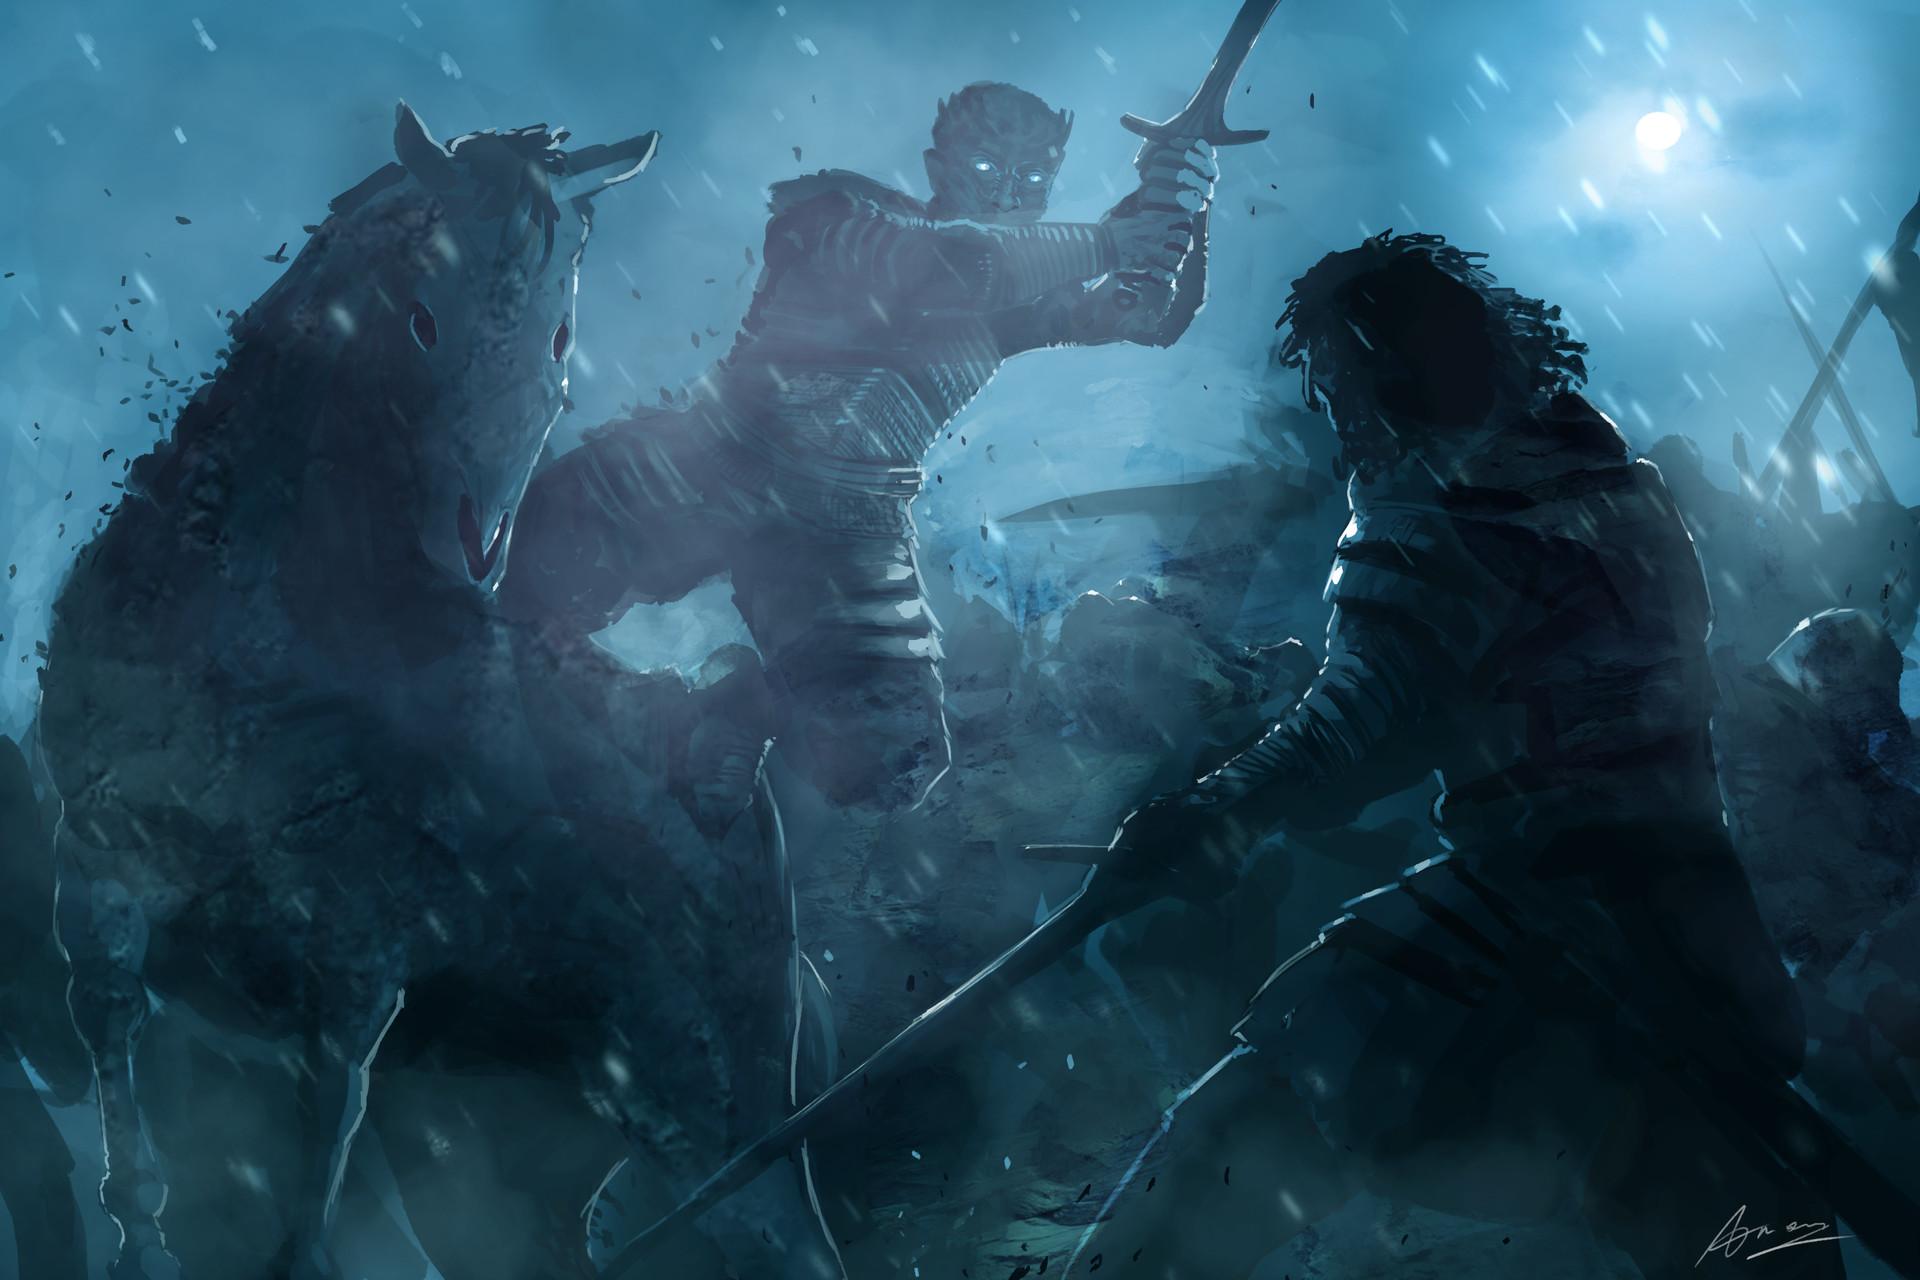 """Битва Джона Сноу и Короля Ночи состоится """"завтра до восхода"""""""